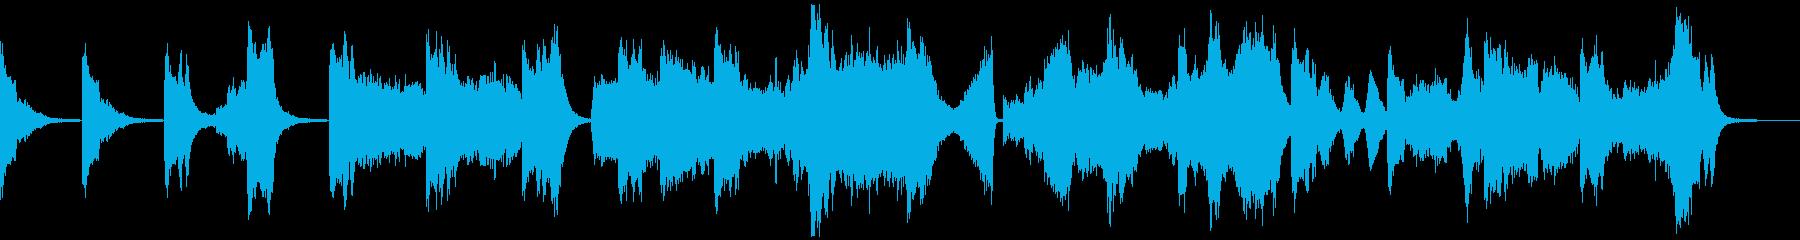 銀河連邦を夢想してみた音楽の再生済みの波形